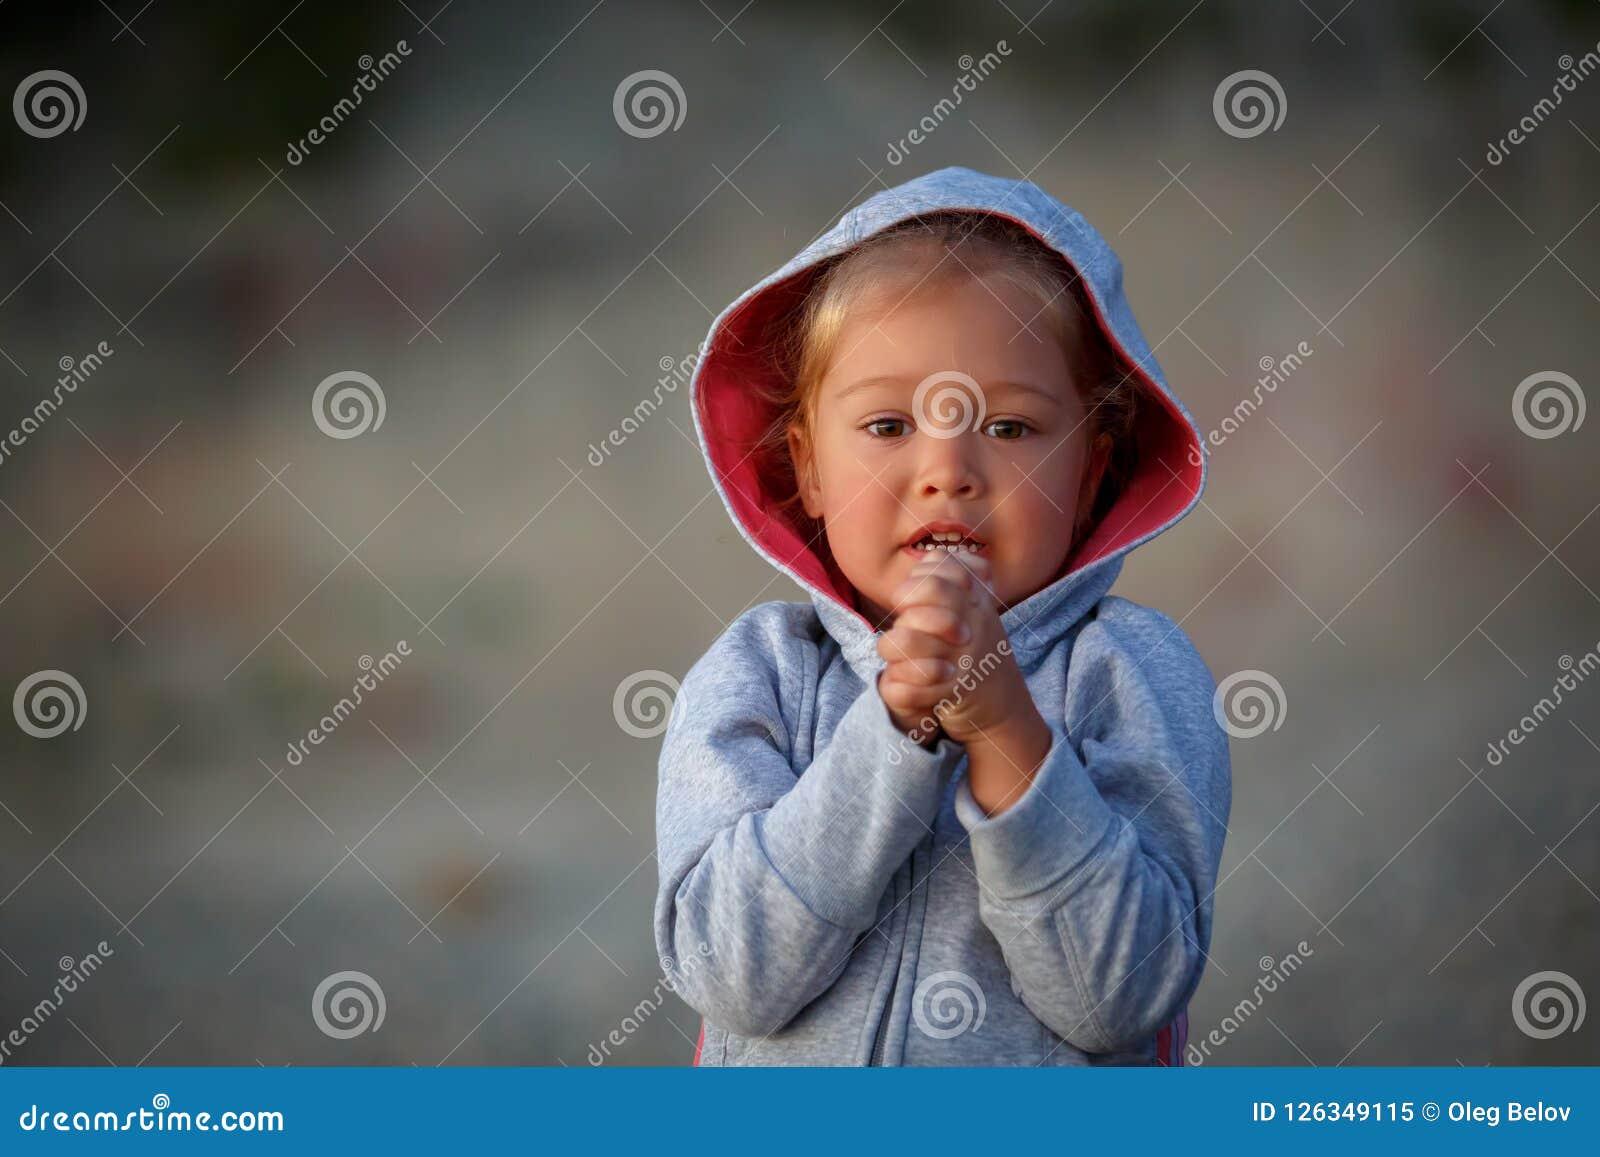 Το μικρό κορίτσι στέκεται με τα χέρια της και ικετεύει για να εκπληρωθεί η επιθυμία της